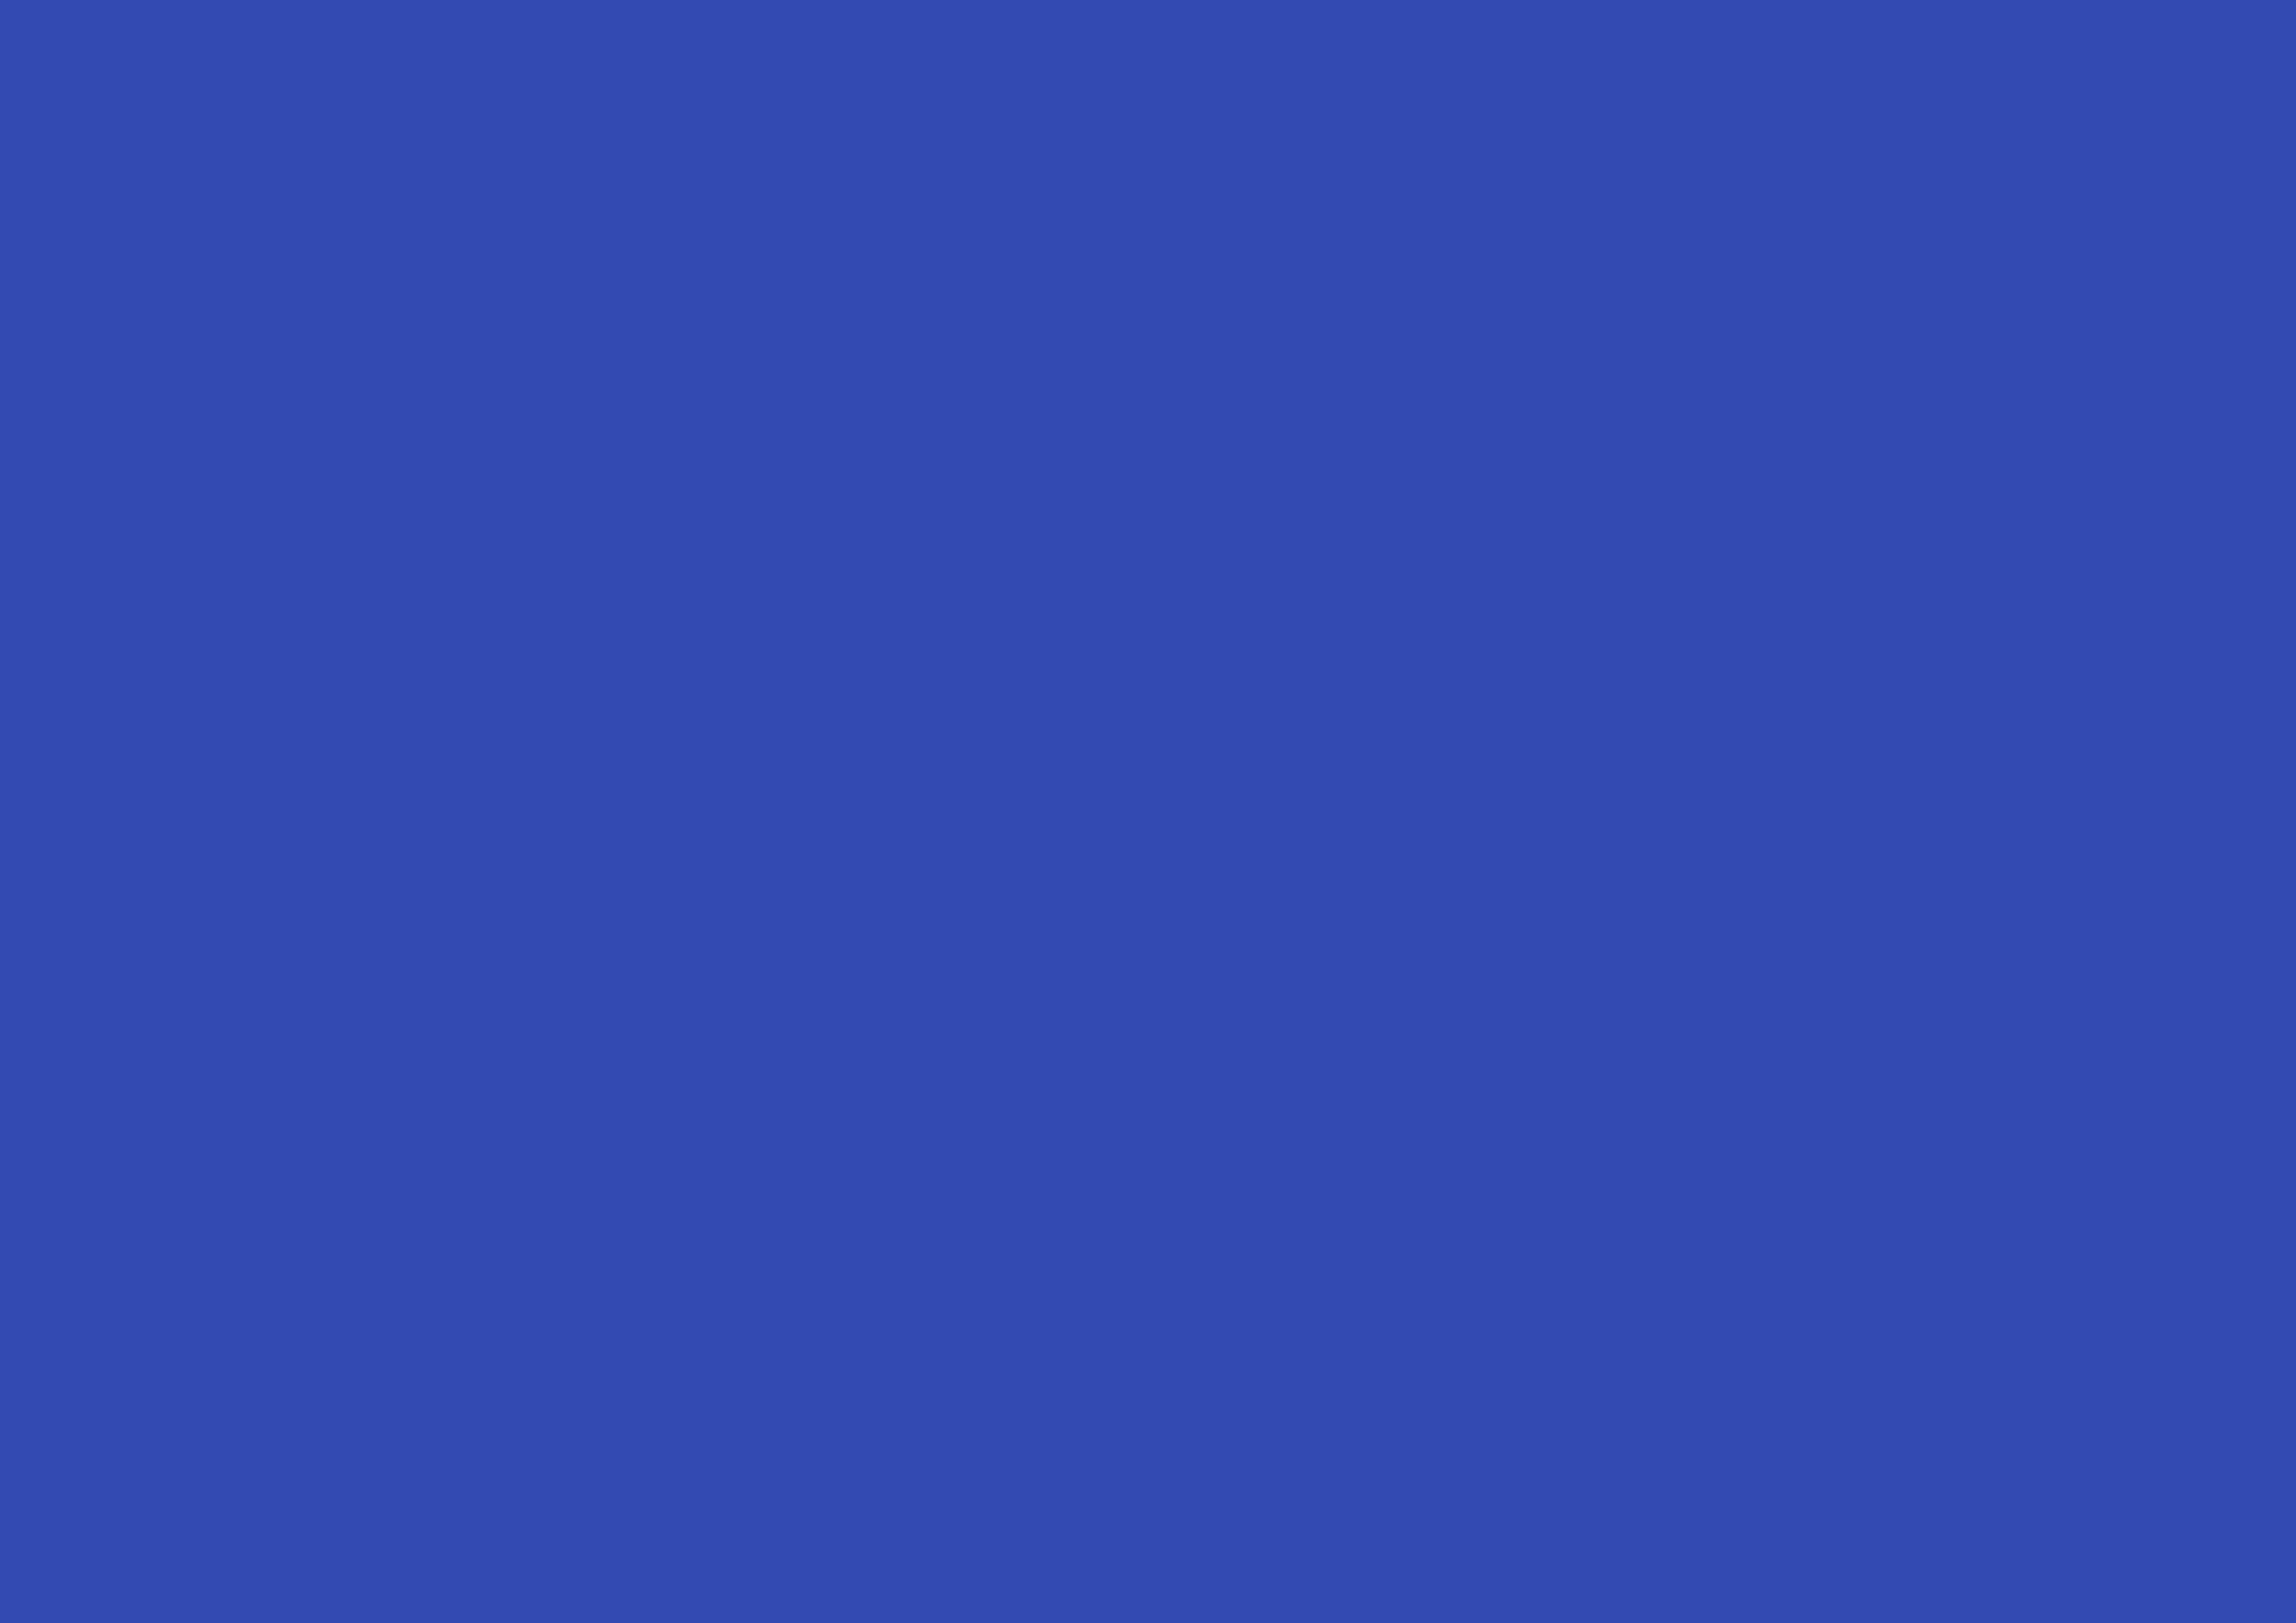 3508x2480 Violet-blue Solid Color Background